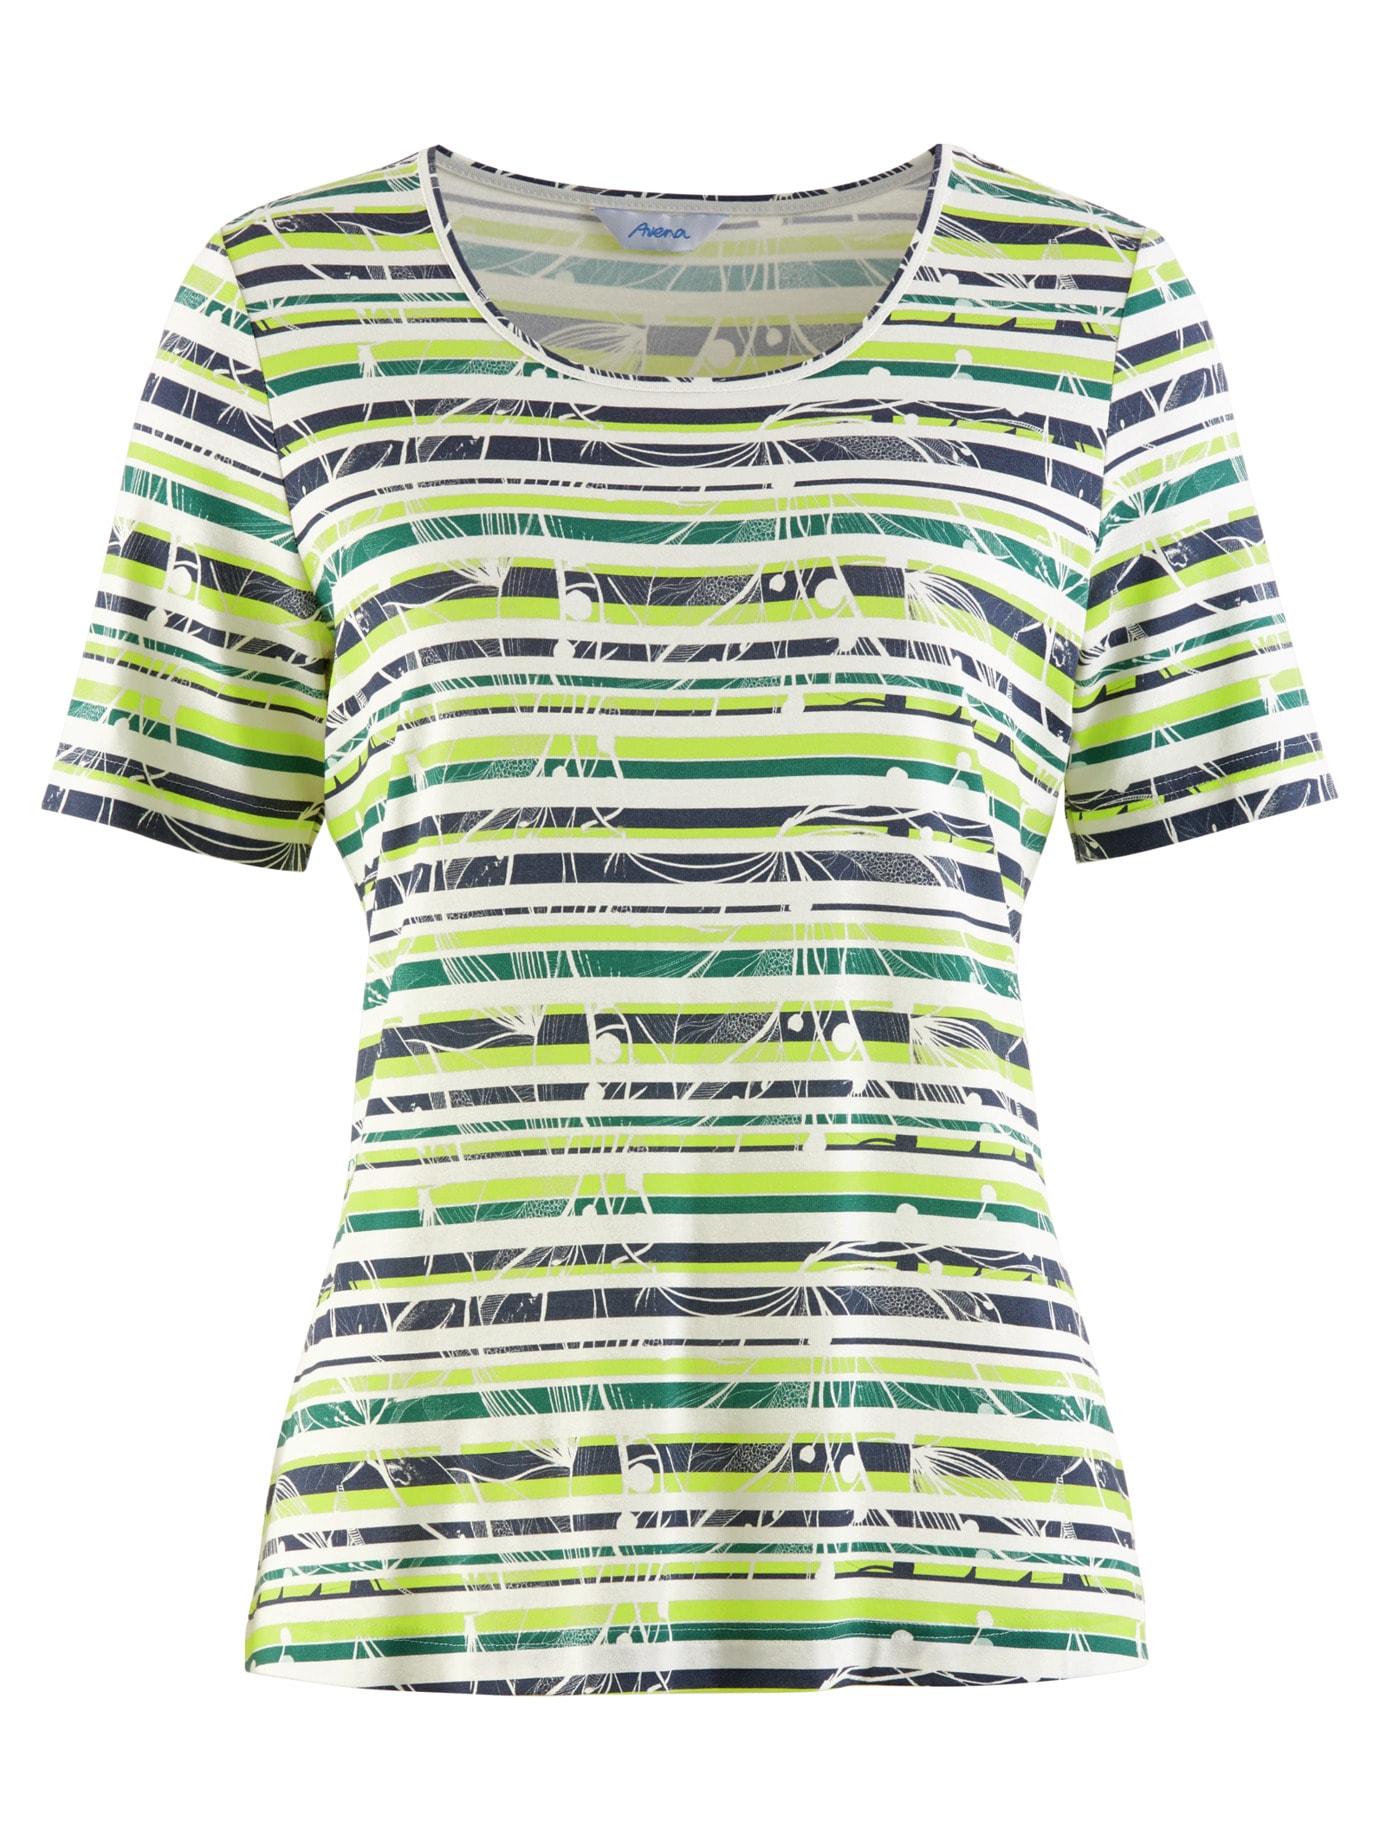 Avena Damen Aloe vera-Shirt Sommerfrische Gelb 43-6107-5